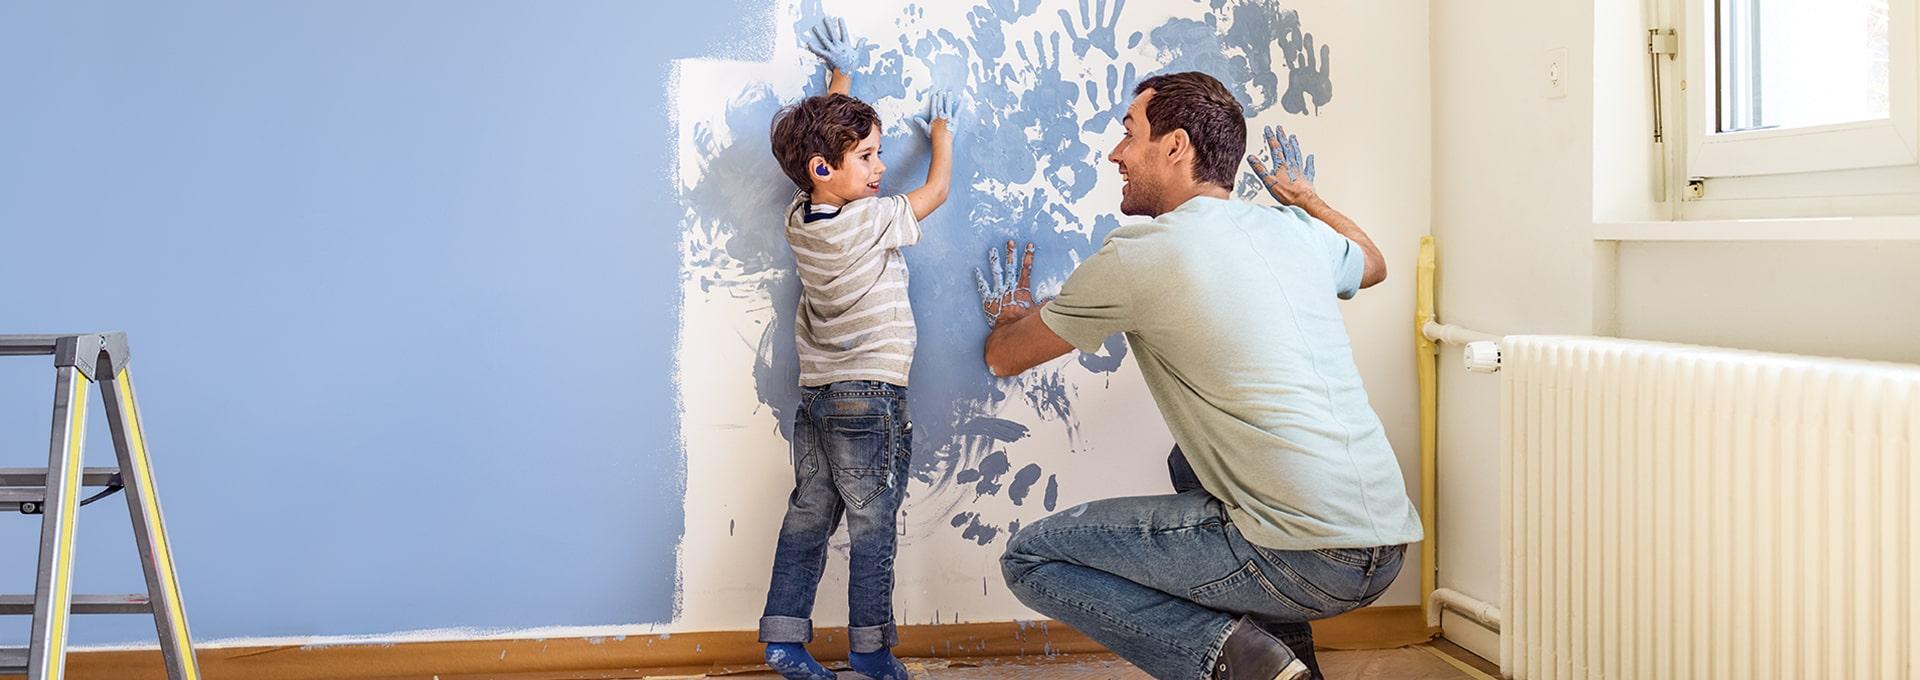 Bernafon Leox Super Power|Ultra Power kuulokojeita käyttävät isä ja poika ryhtyvät lisäämään kämmenen jälkiä maalatessaan seinää.